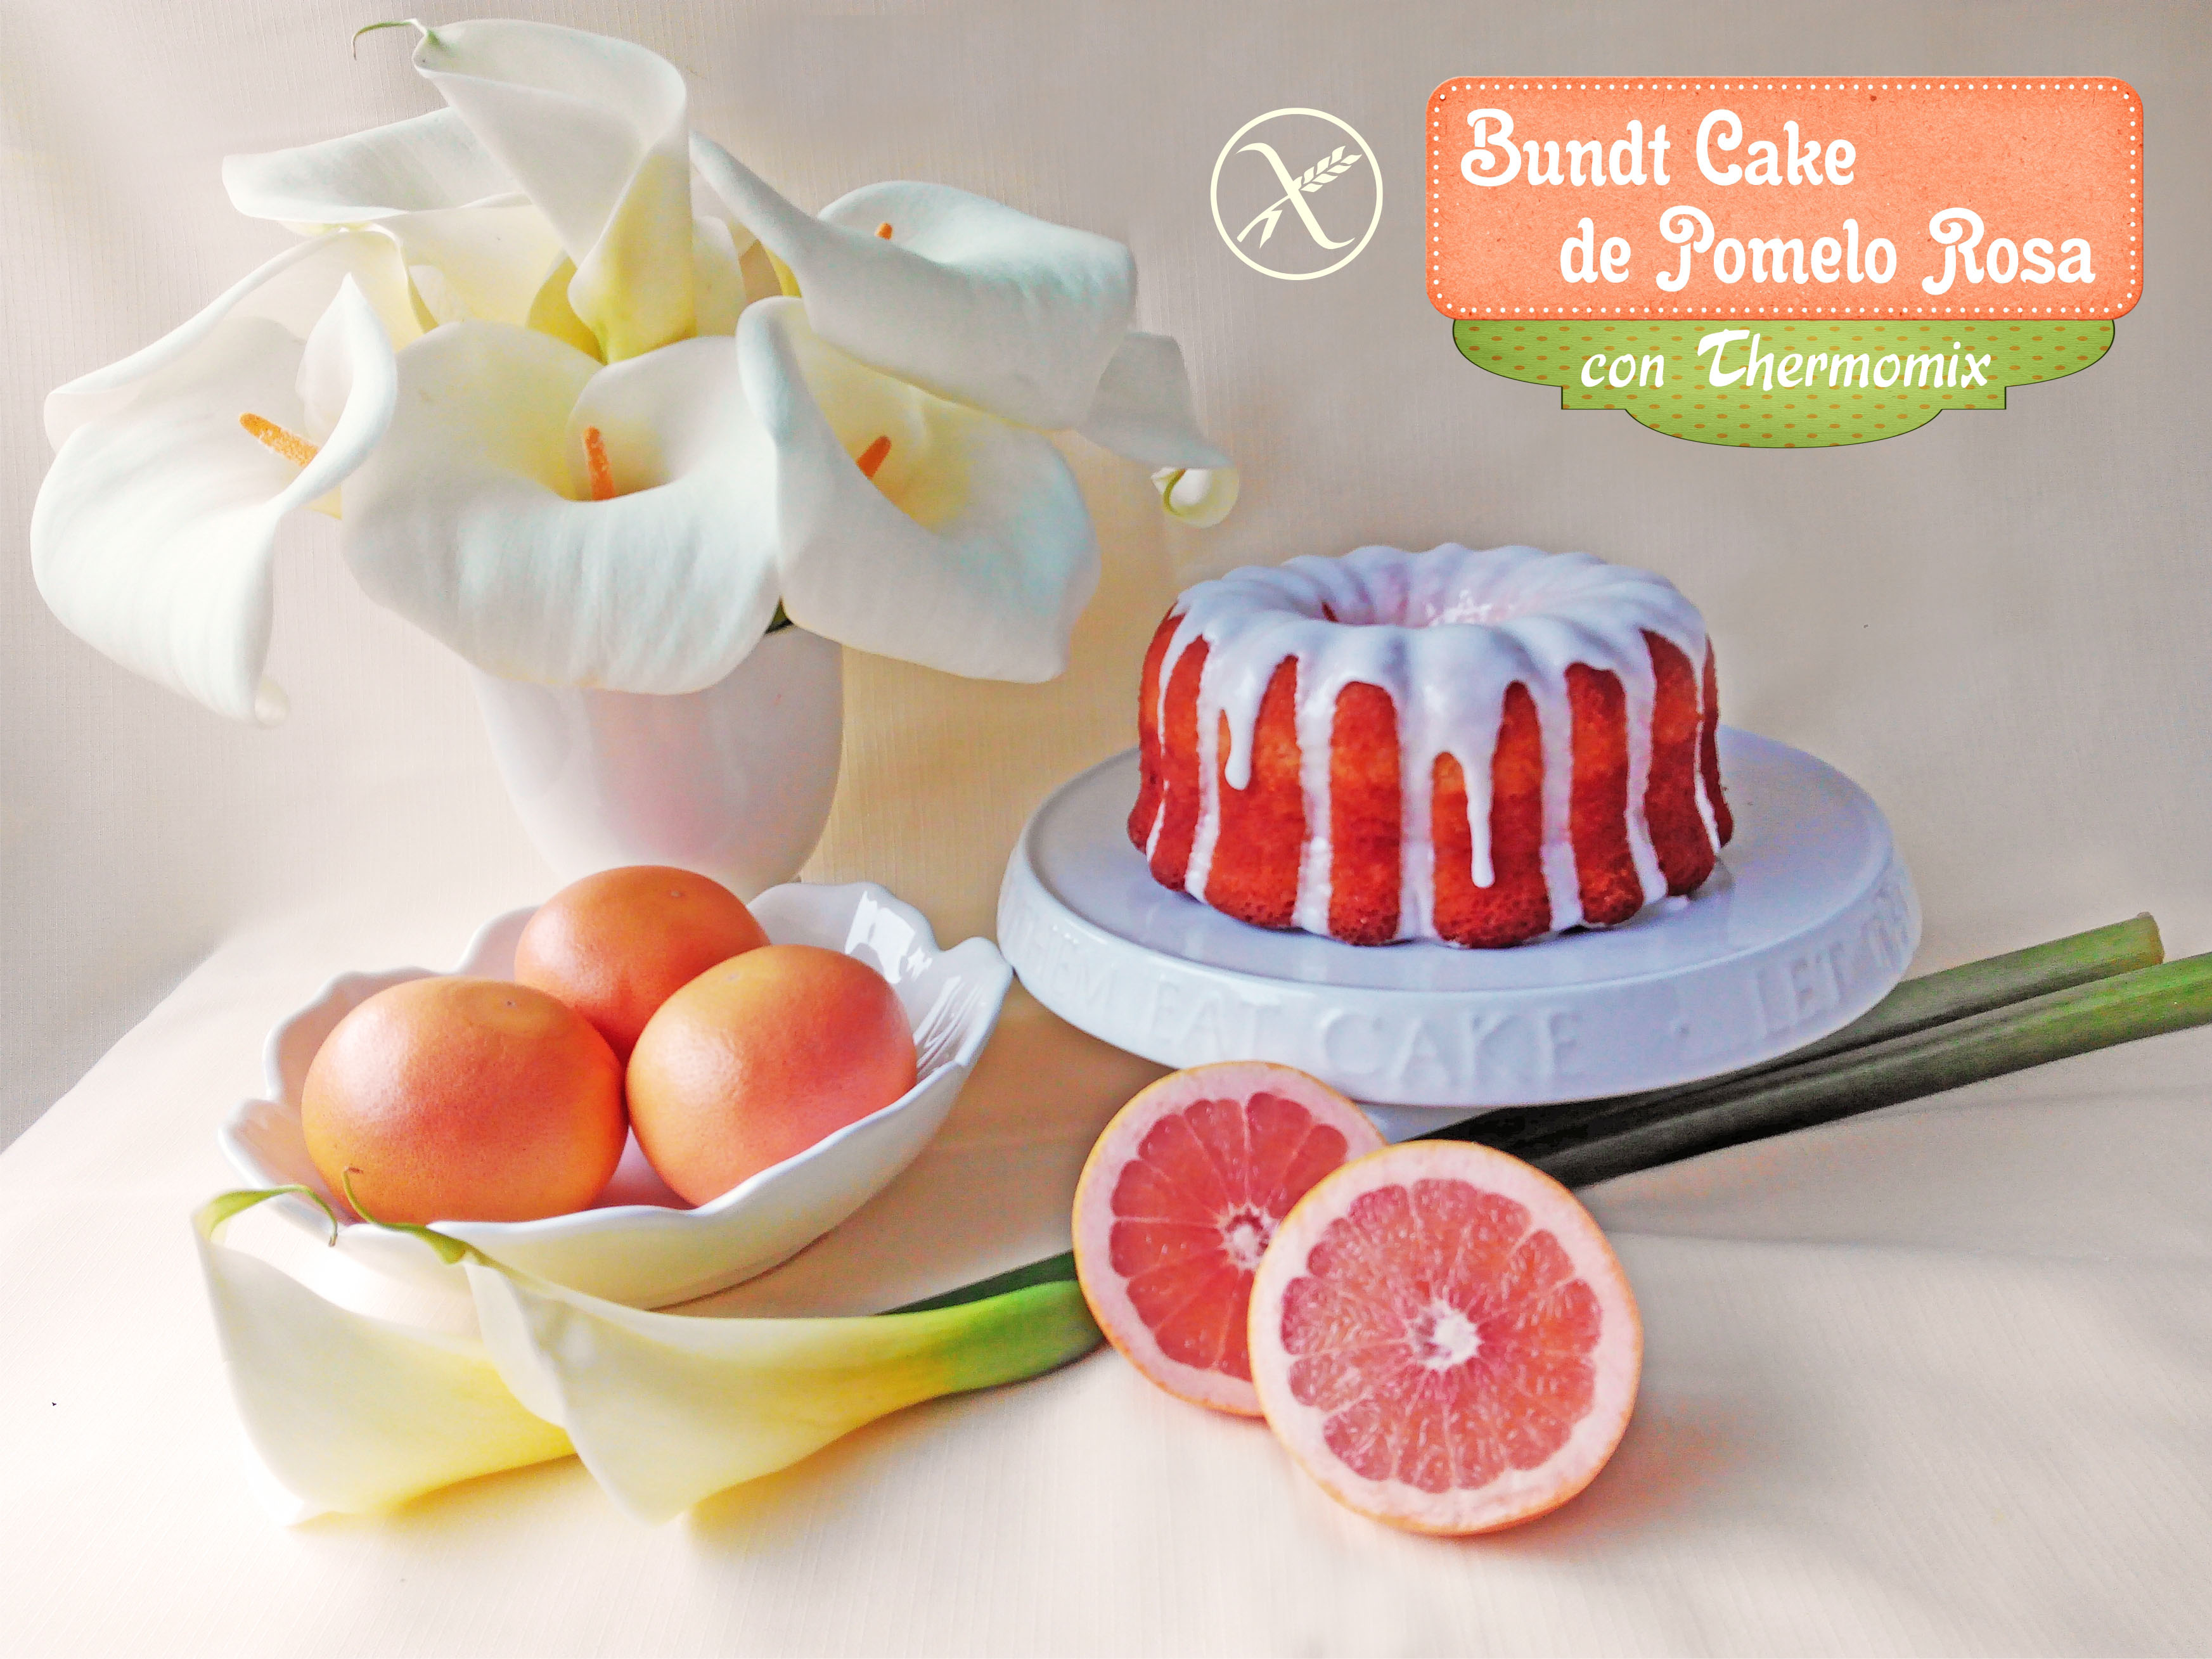 Bundt Cake de Pomelo Rosa. También versión Sin Gluten.